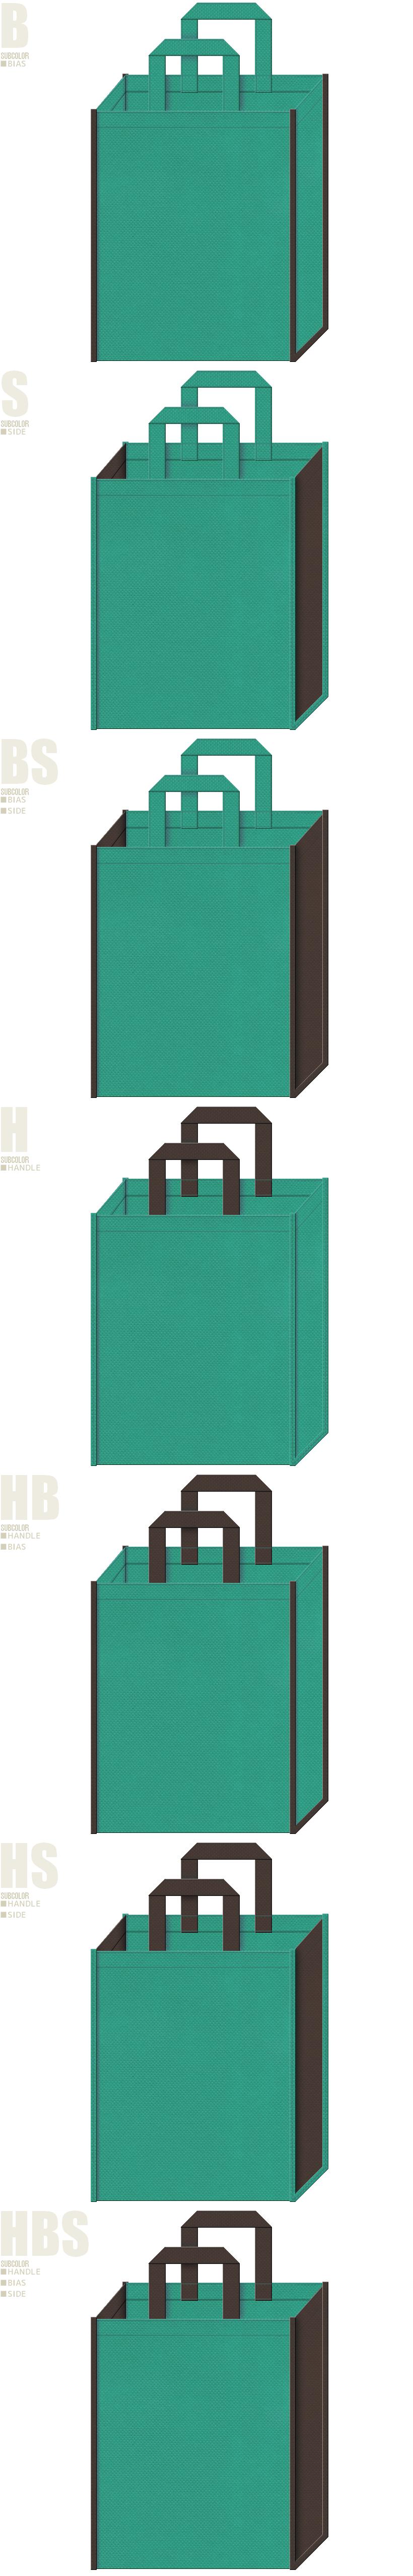 オフィスビルの屋上緑化・壁面緑化の展示会用バッグにお奨めの不織布バッグデザイン:青緑色とこげ茶色の不織布バッグ配色7パターン。